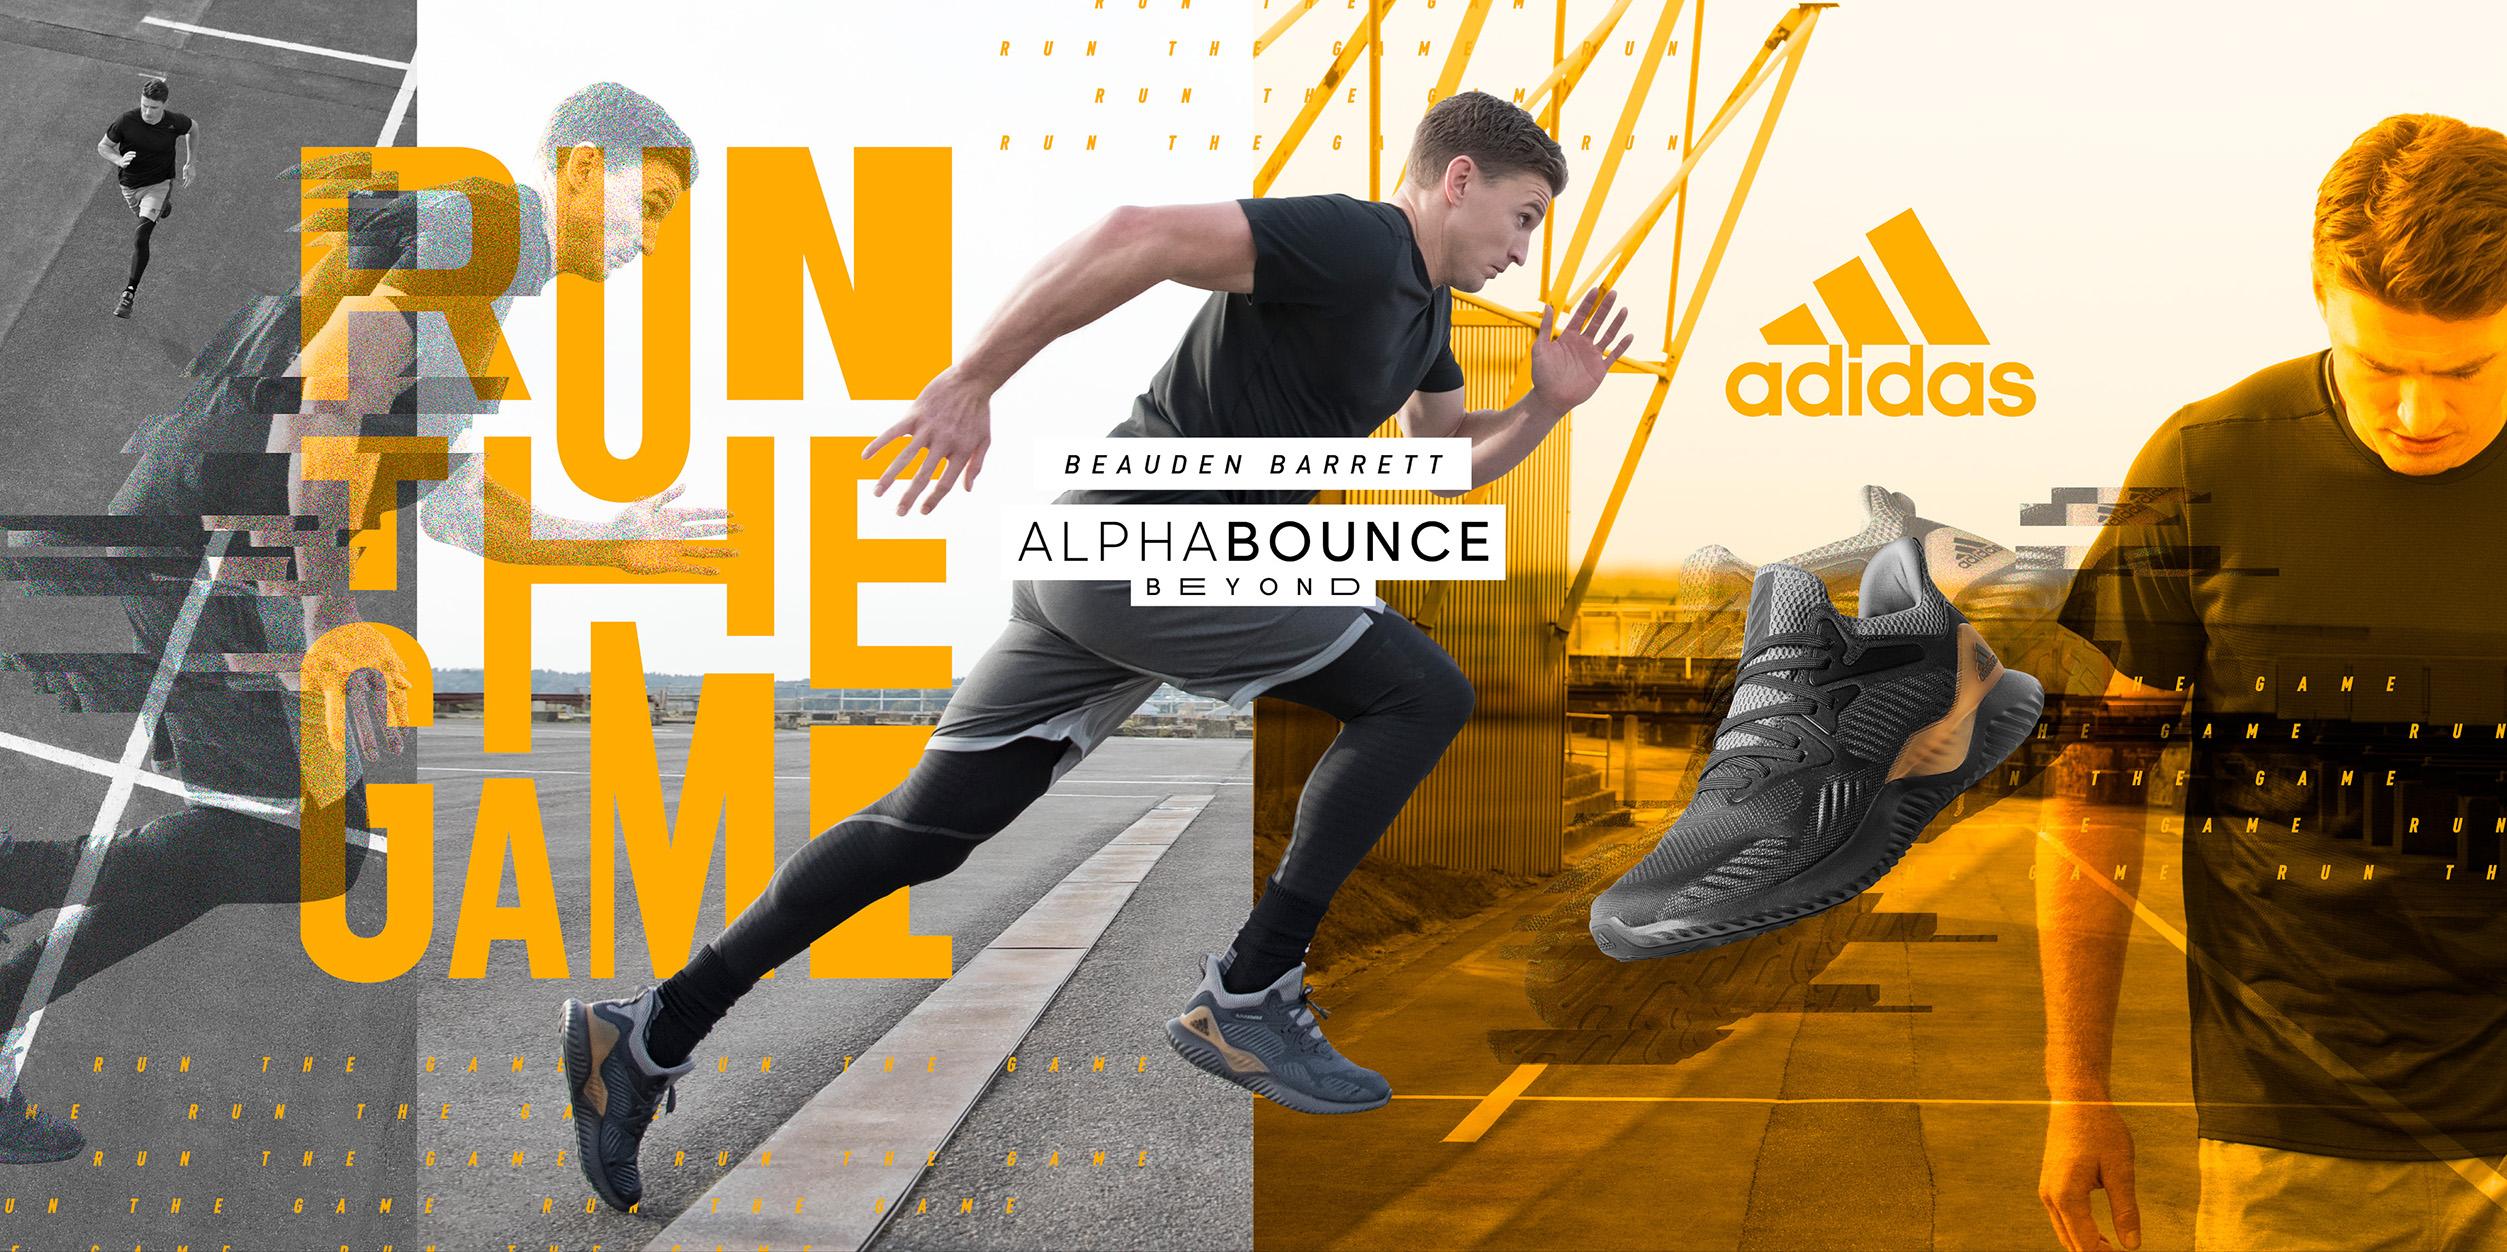 adidas-alphabounce-beauden-barrett-200